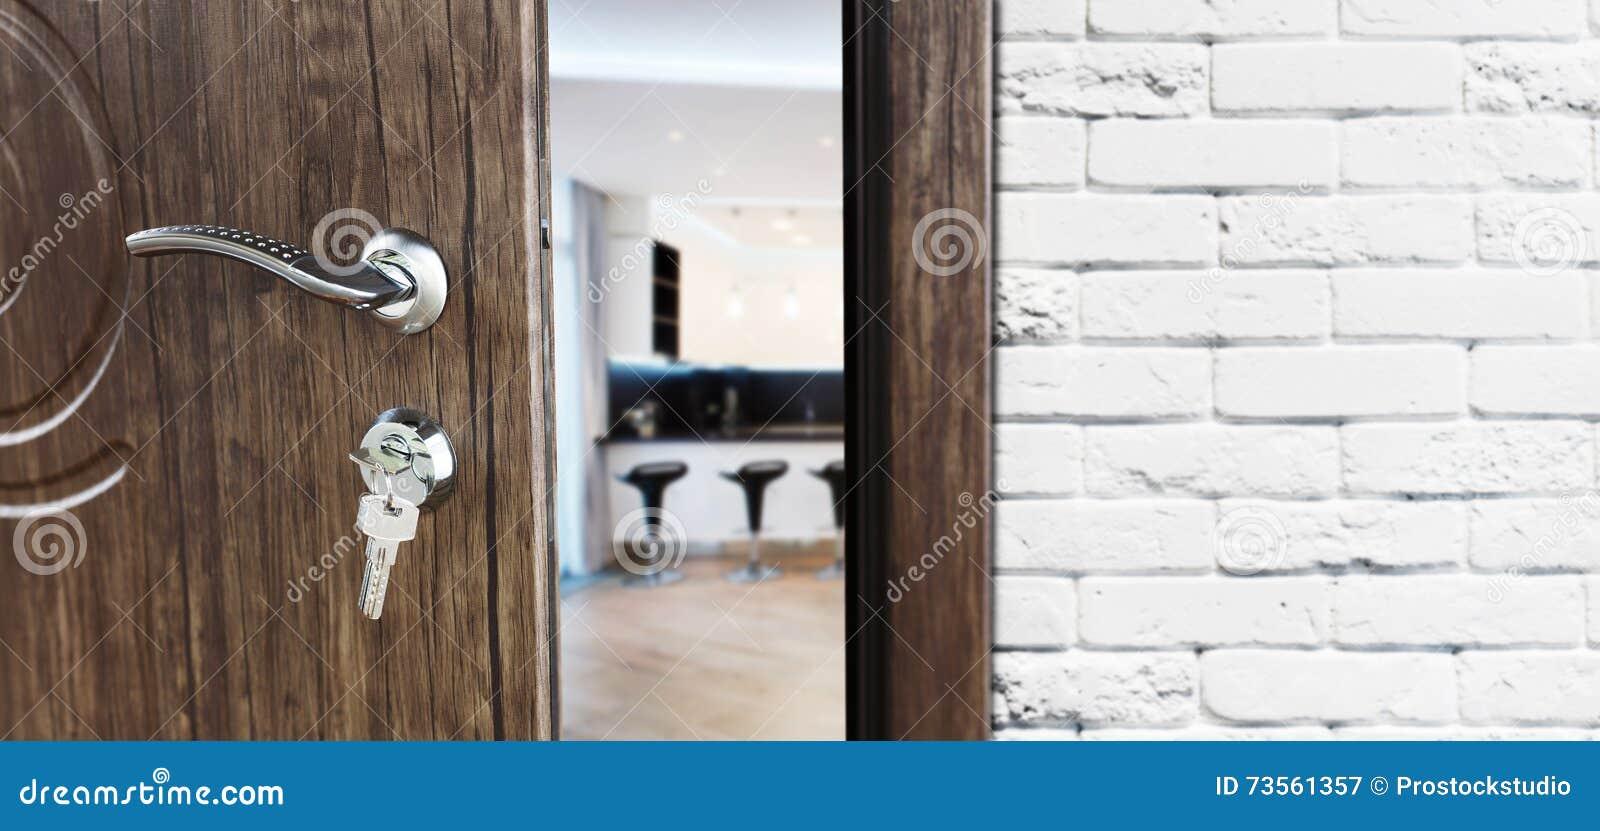 Half Open Door Of A Modern Kitchen Closeup. Stock Image - Image of ...